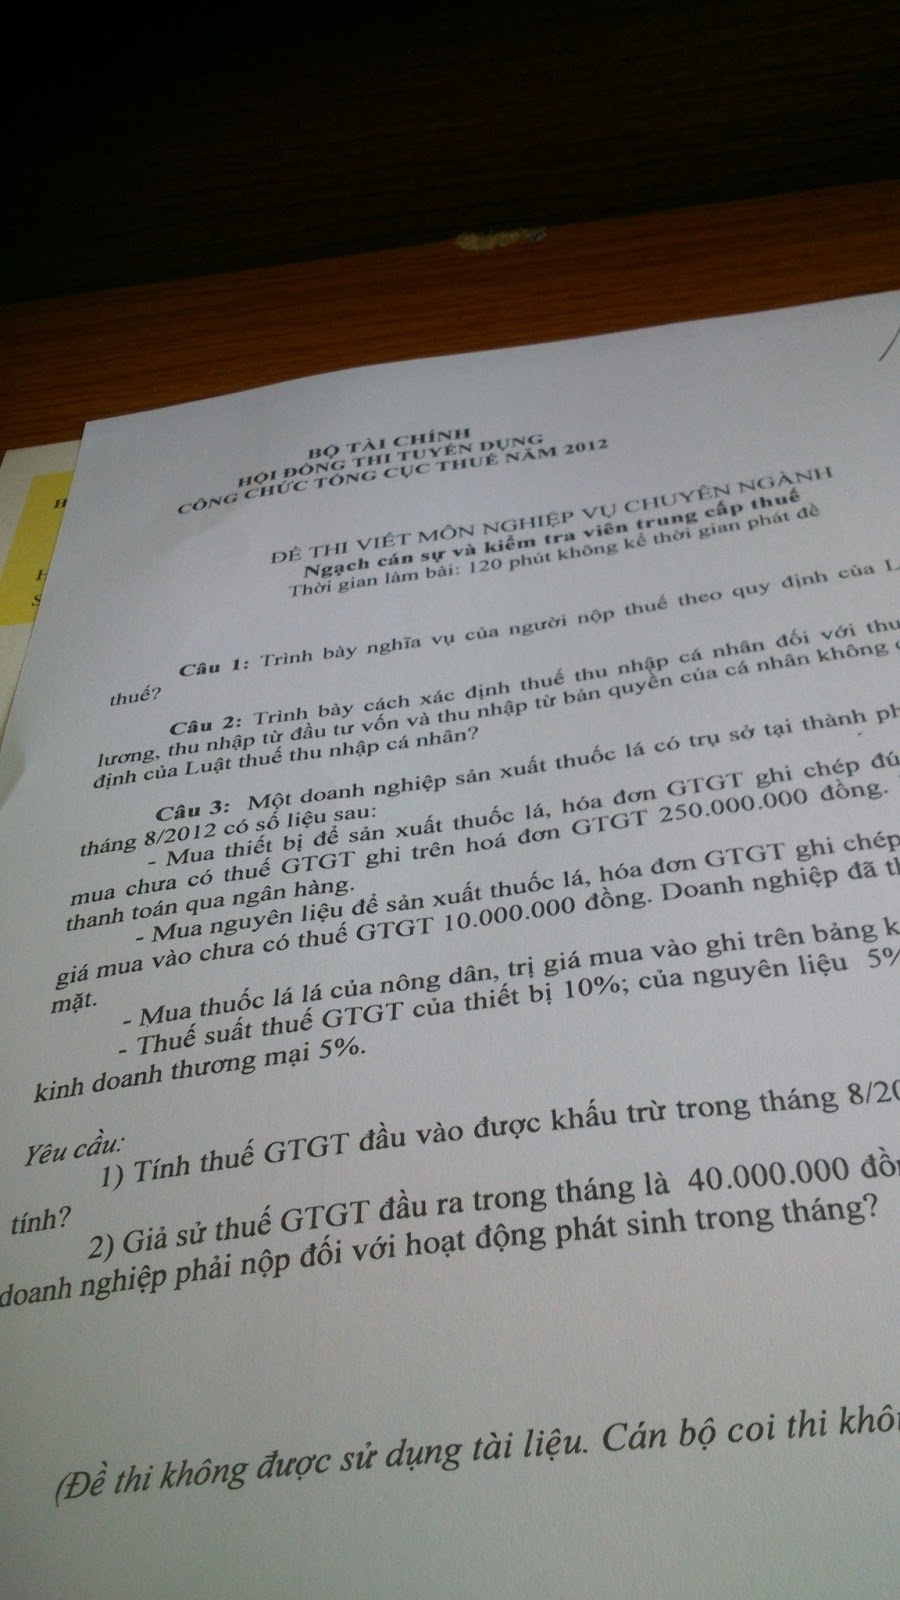 Ket Qua Thi Cong Chuc Tinh Quang Binh Nam 2012